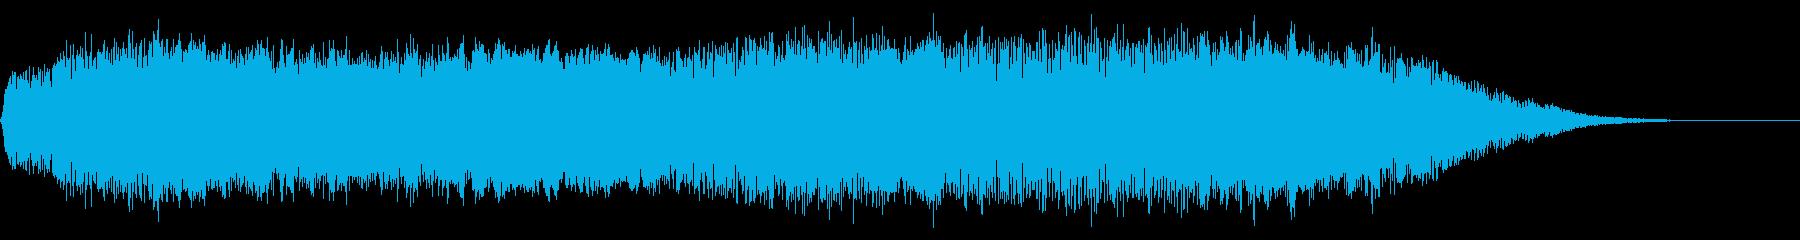 重層で広がりのあるサウンドロゴ、ジングルの再生済みの波形